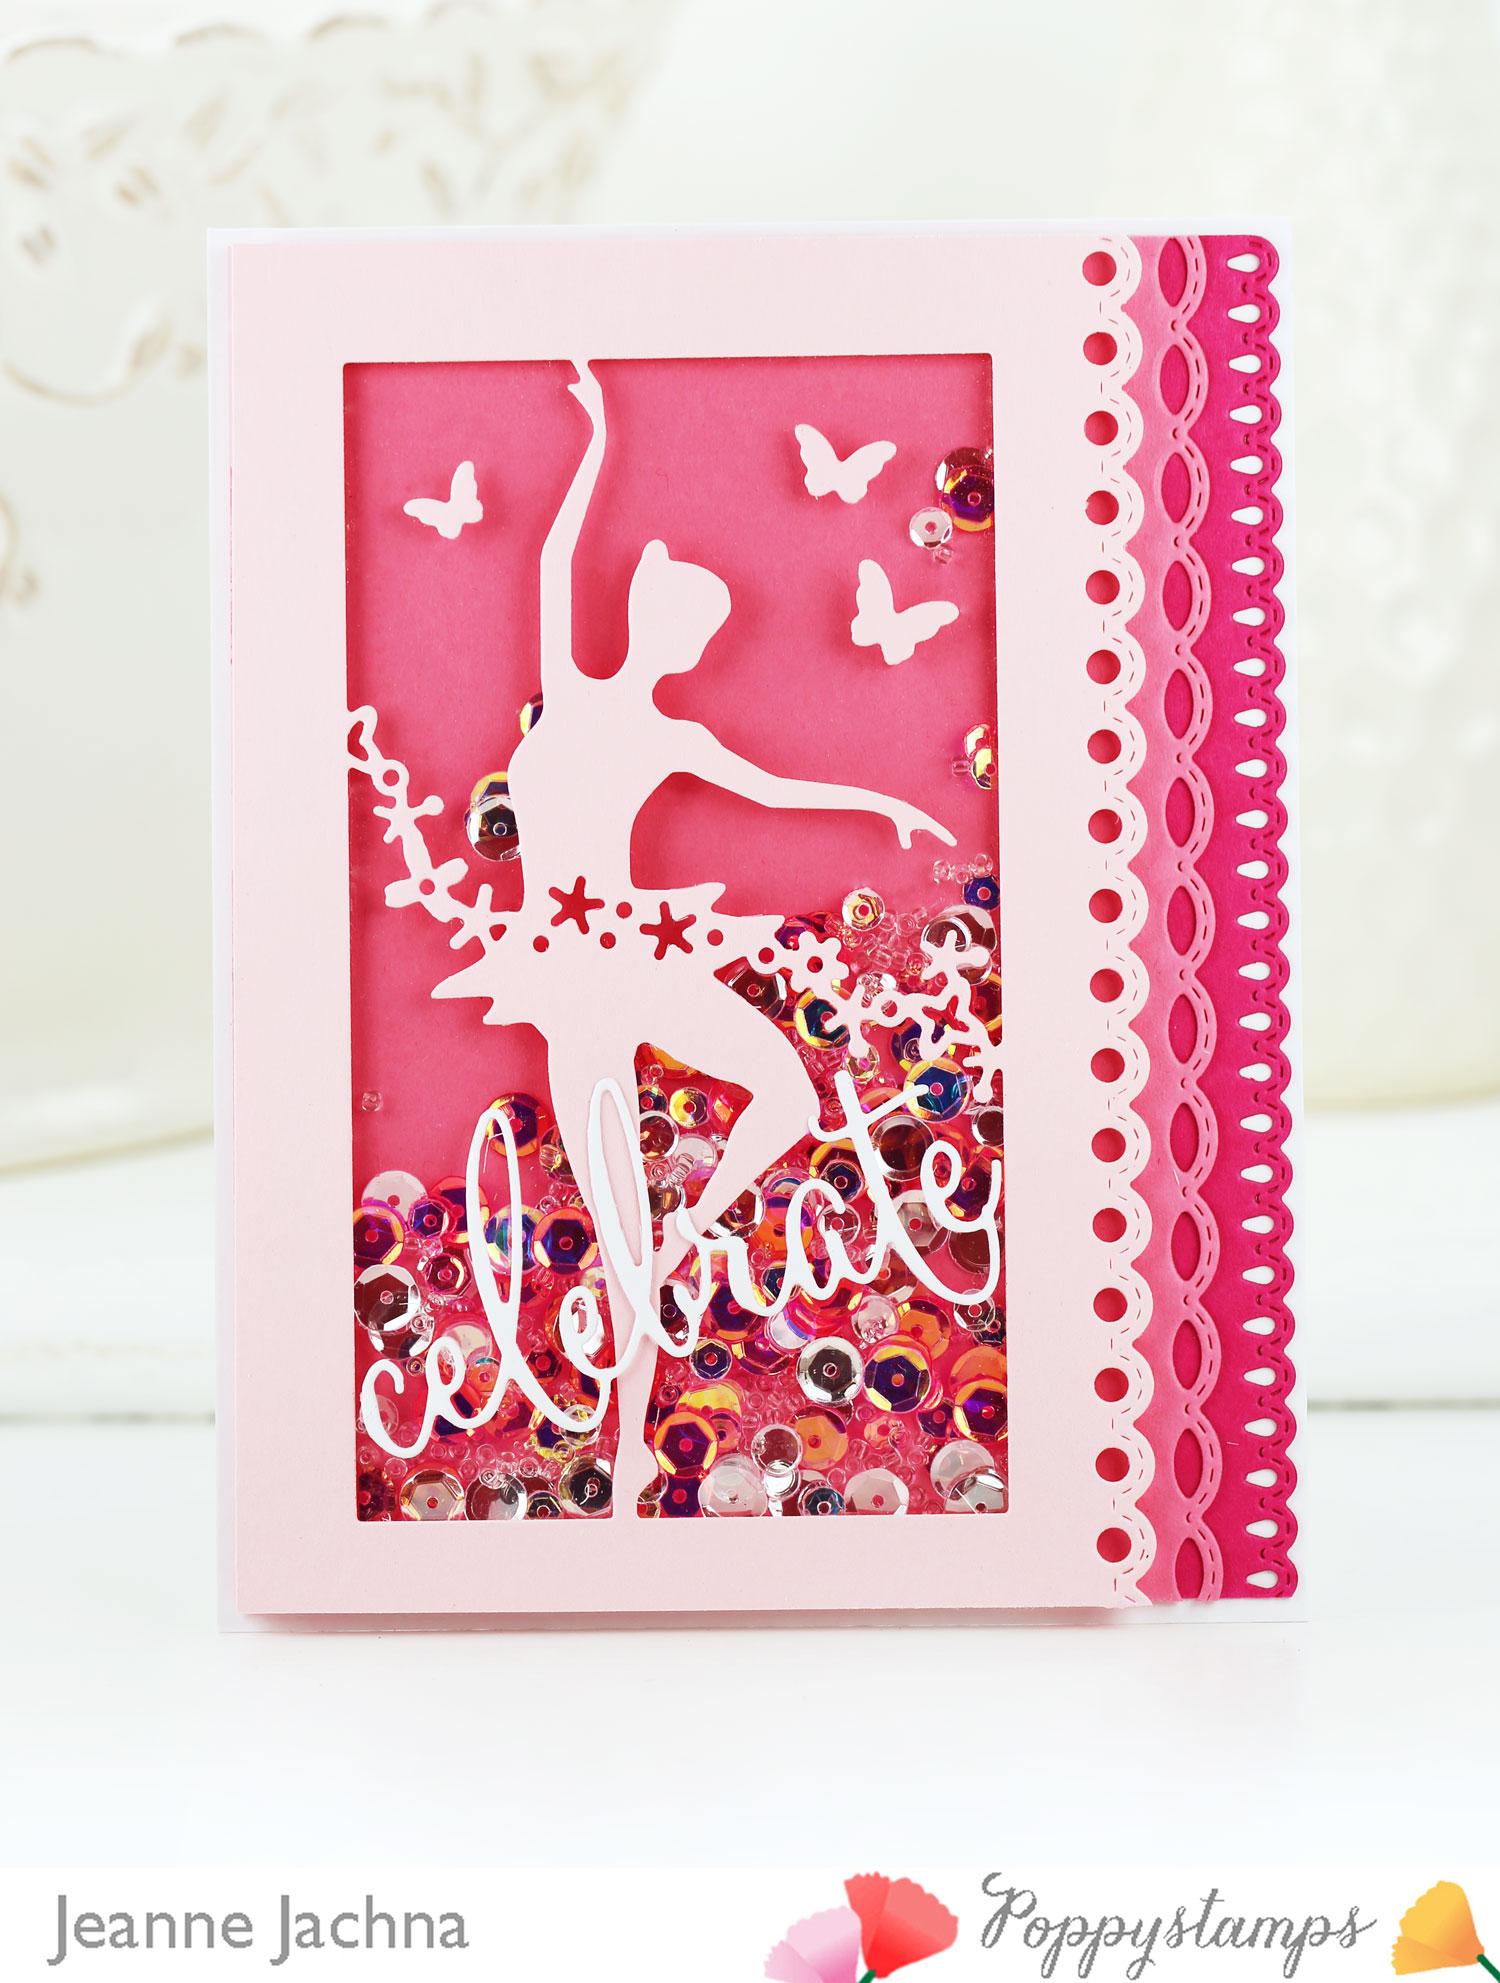 Floral Dancer Collage